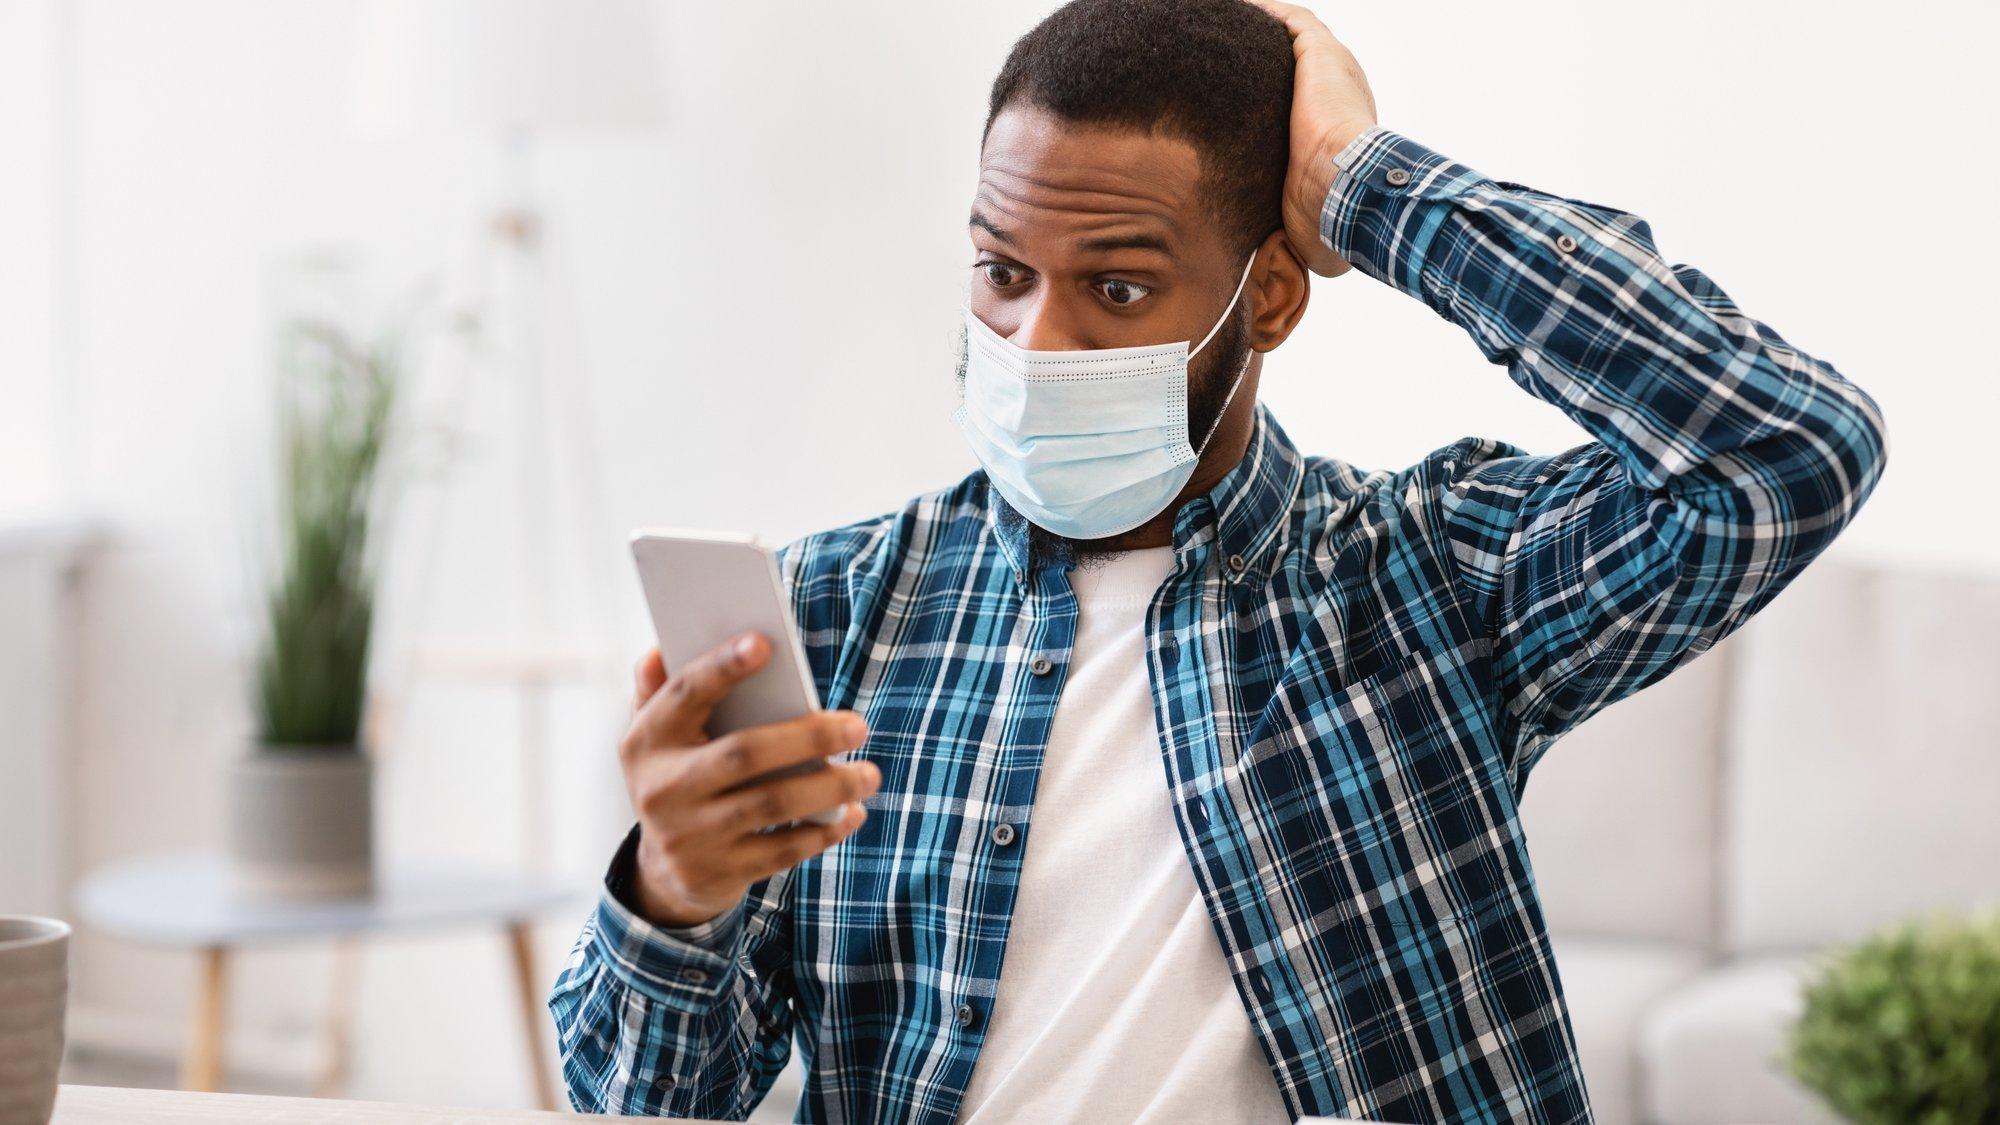 Ein Mann liest Nachrichten auf dem Handy und blickt dabei besorgt.